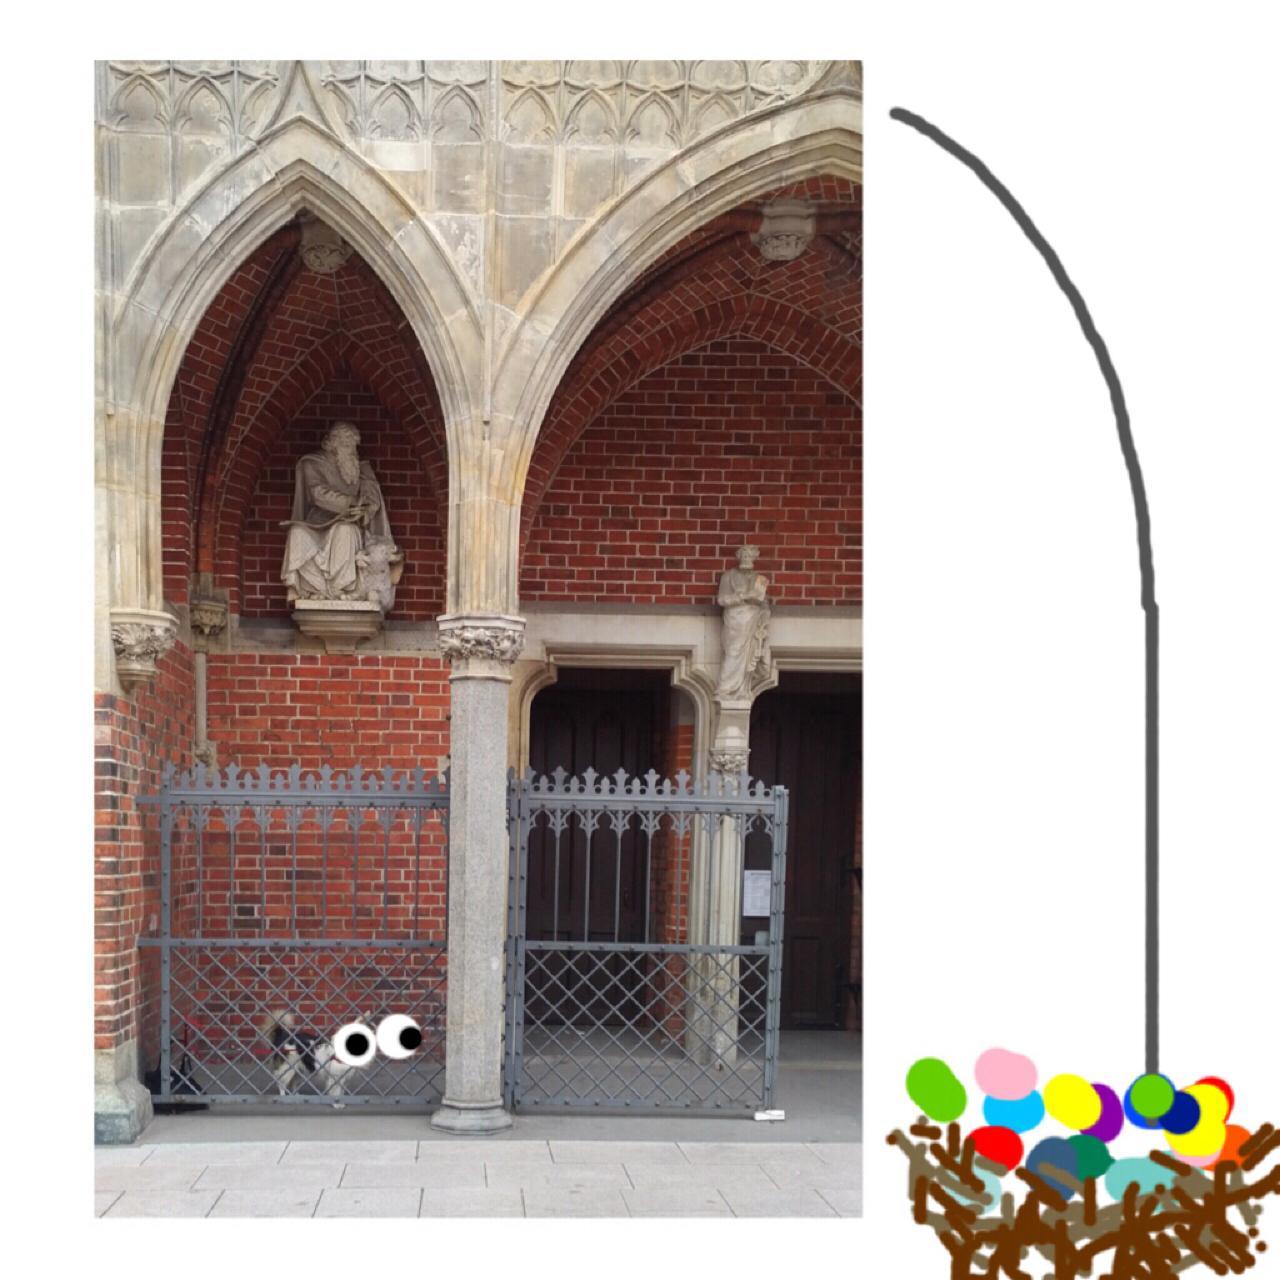 Wie gut kennen Sie Hamburg? Gut? Dann möchten wir Sie an den Feiertagen auf Ostereifotosuche schicken. Dabei geht es weniger um Eier (oder Hunde), sondern nur um die Frage: Wo wurde das Foto oben aufgenommen? Schicken Sie uns Ihre Antwort – Ort und Adresse – bis Ostermontag, 18 Uhr, an elbvertiefung@zeit.de. Unter allen richtigen Einsendern verlosen wir das beliebte Seminar der ZEIT-Akademie zum Thema »Fotografie – Die Kunst der guten Bilder«, das  auch viele Tipps zum eigenen Umgang mit der Kamera gibt.